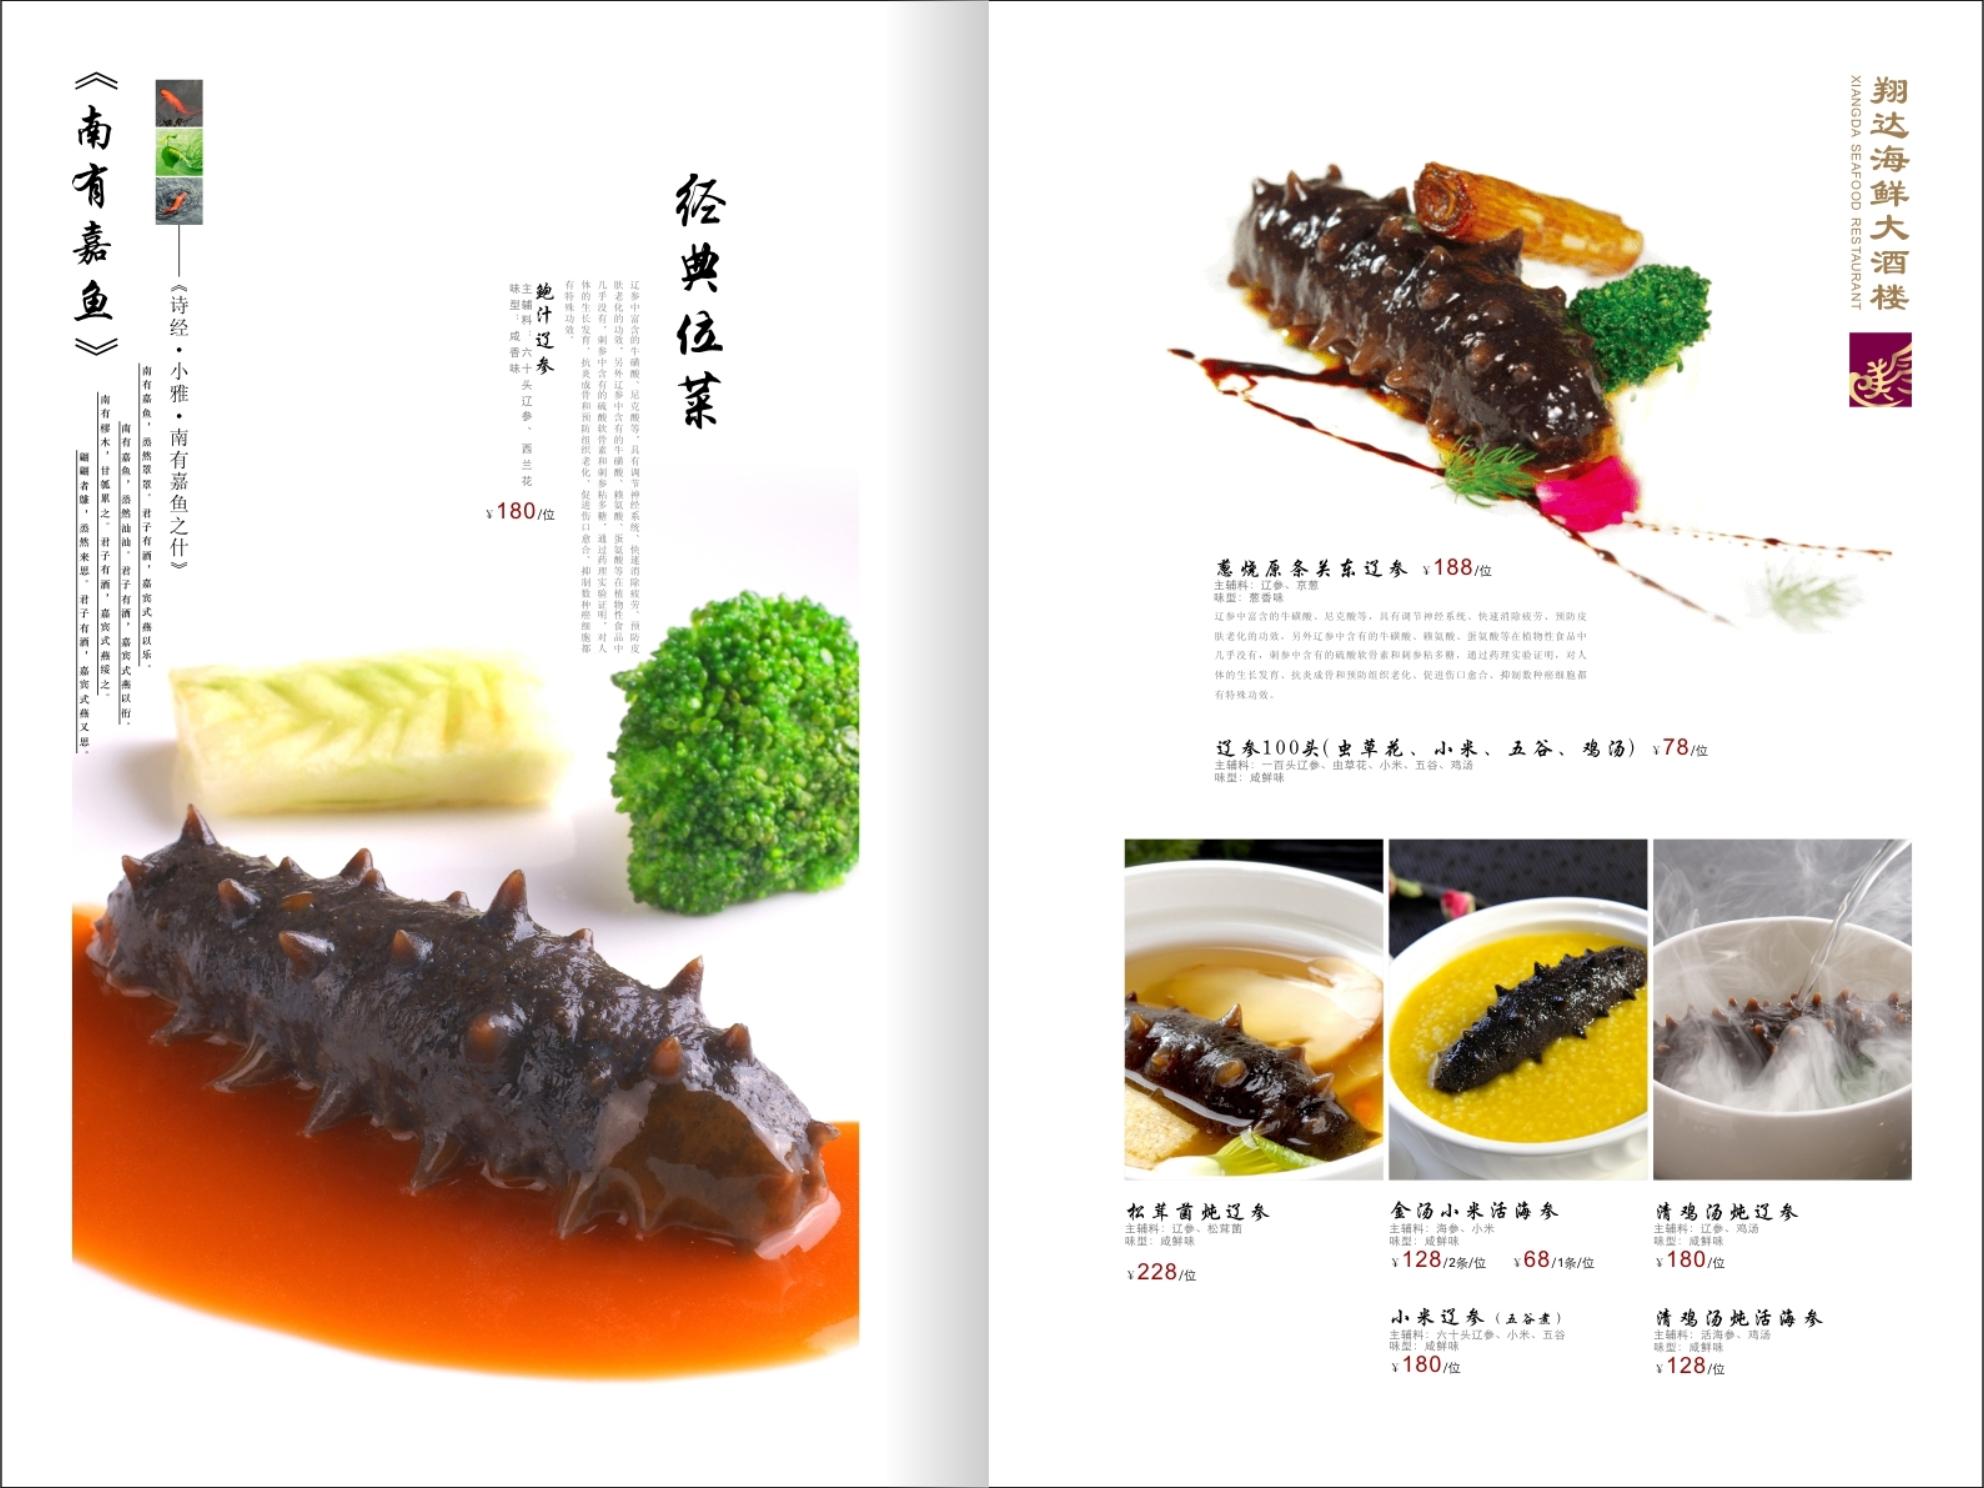 中餐菜谱制作,西餐菜谱设计制作,烧烤菜谱制作,火锅菜谱制作,专业